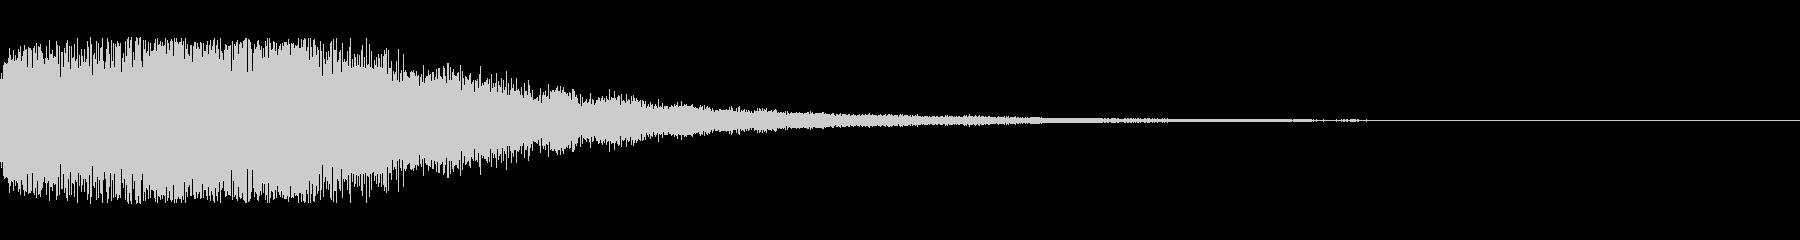 シーン切り替え シンセサイザー1の未再生の波形